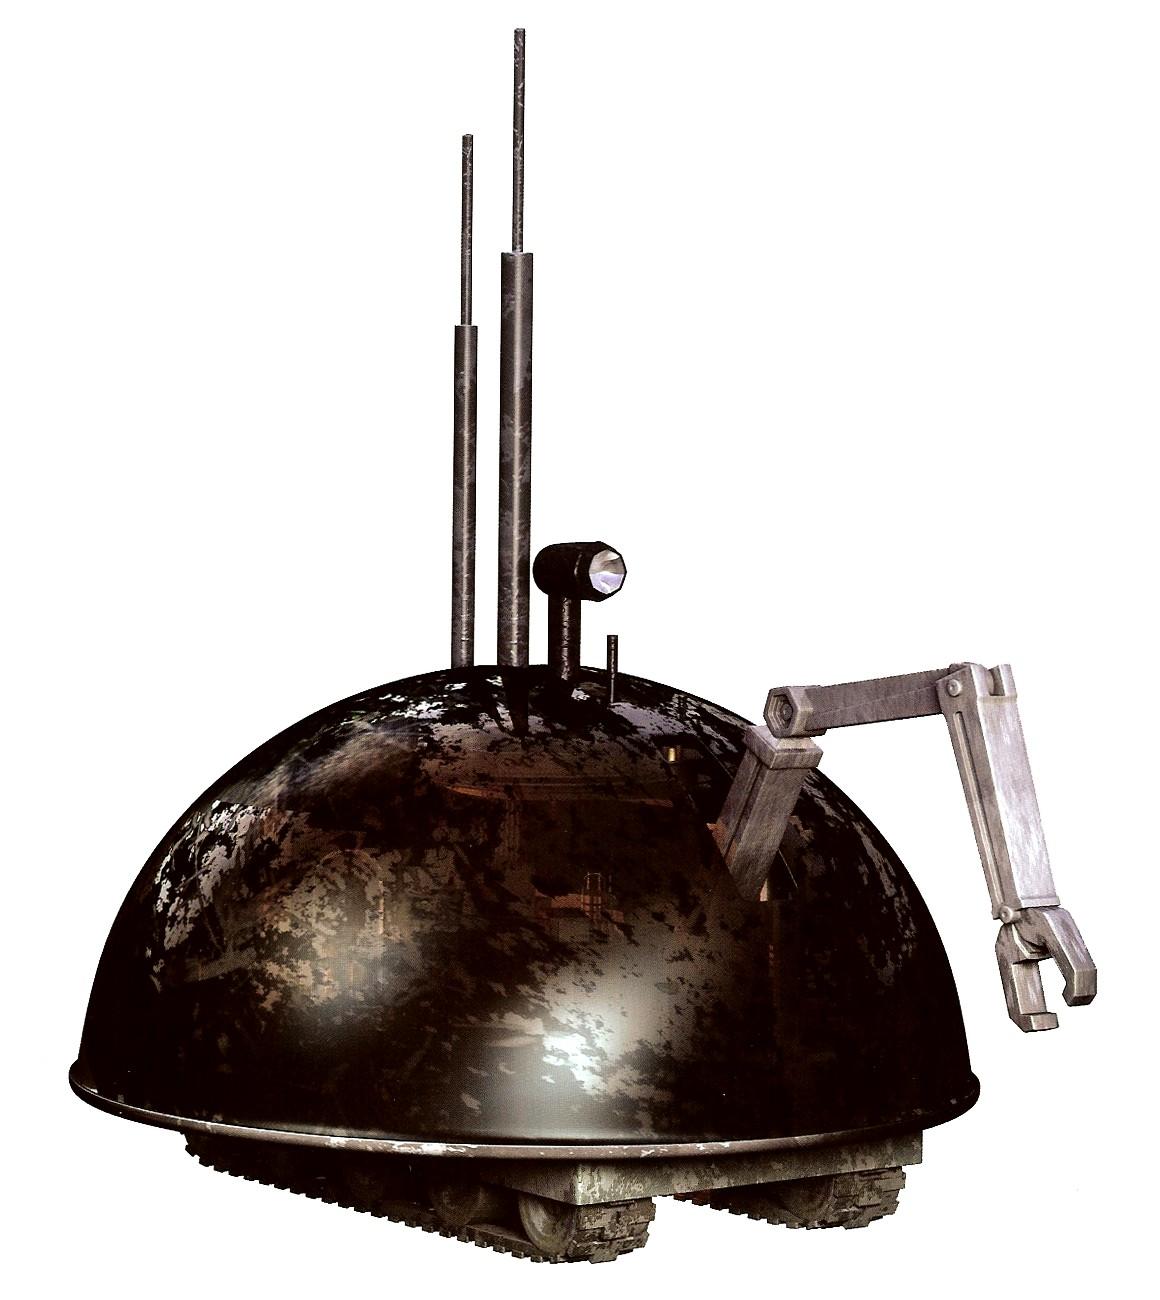 LINデモリッションメク自律型機雷敷設装置